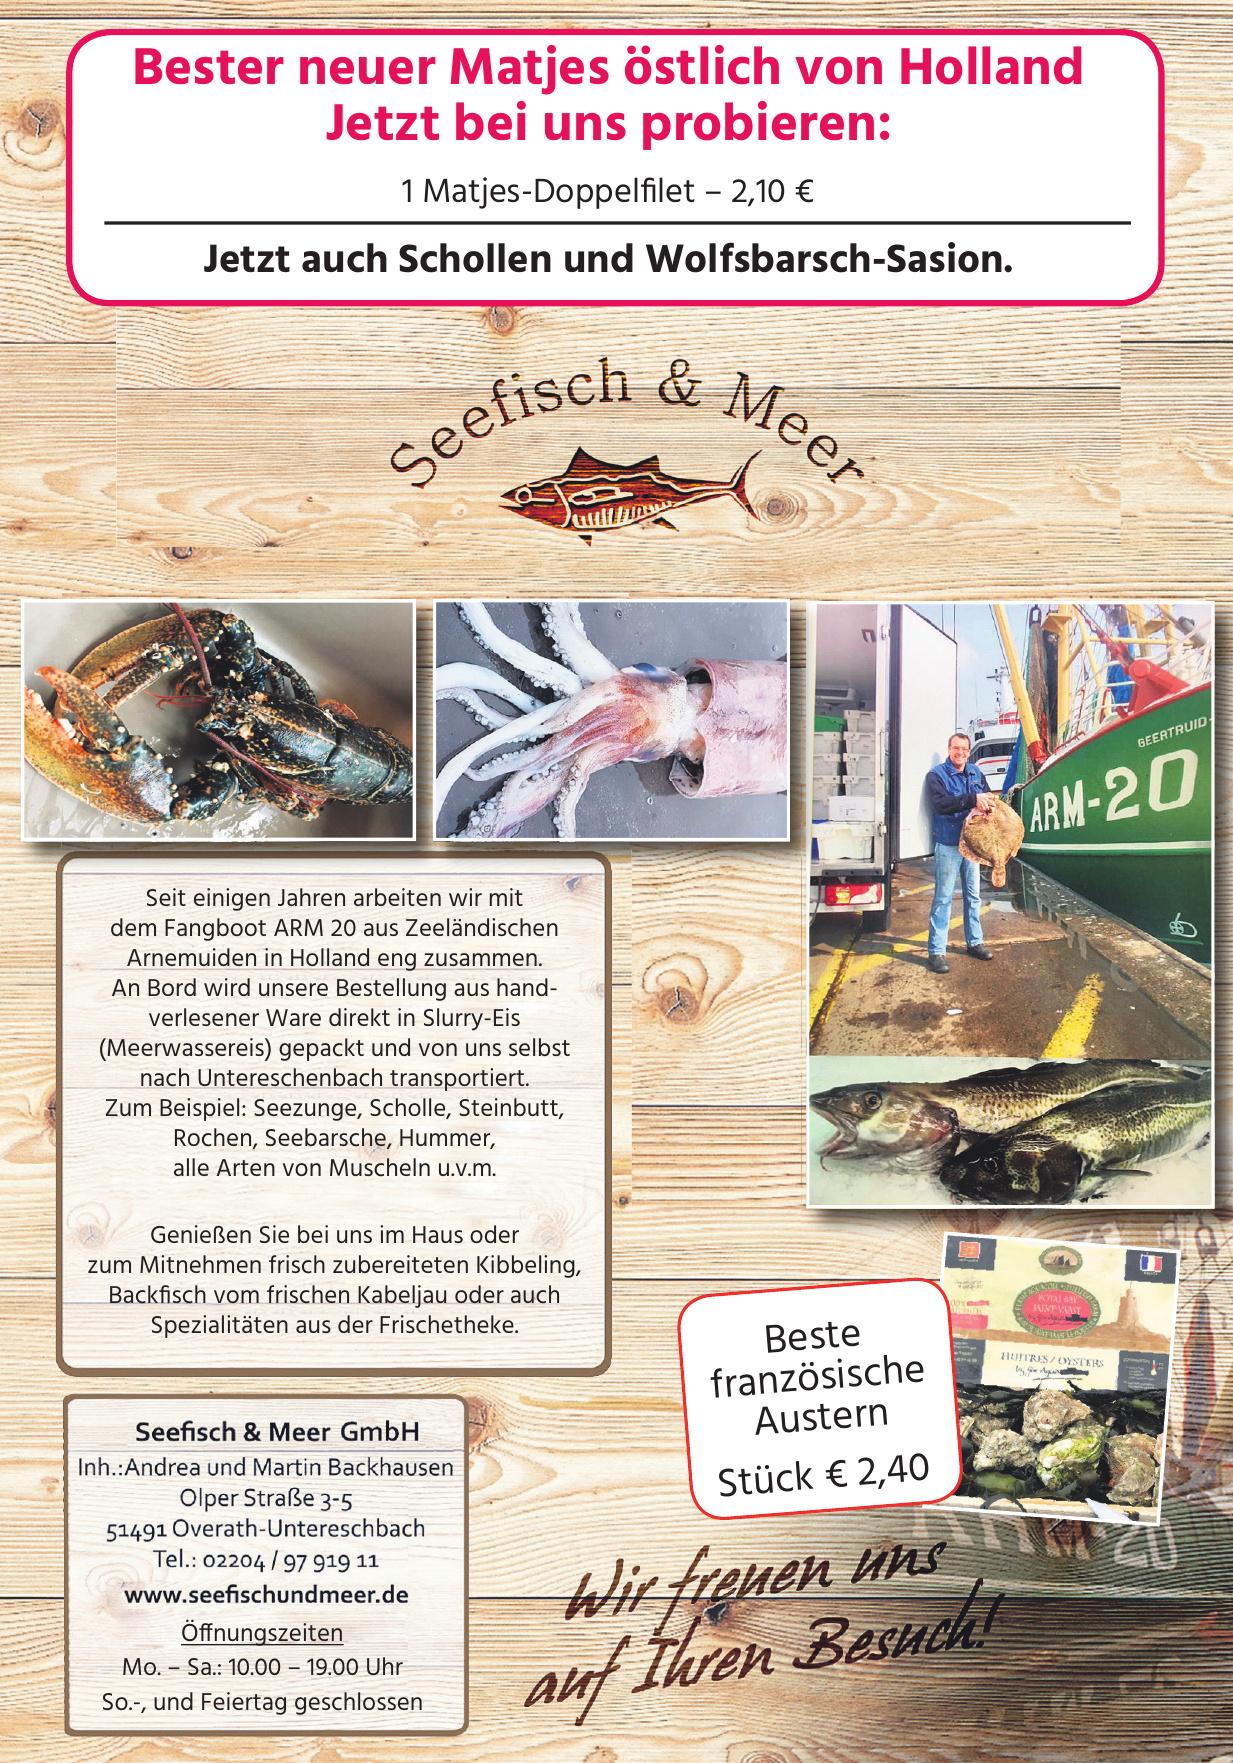 Seefisch & Meer GmbH